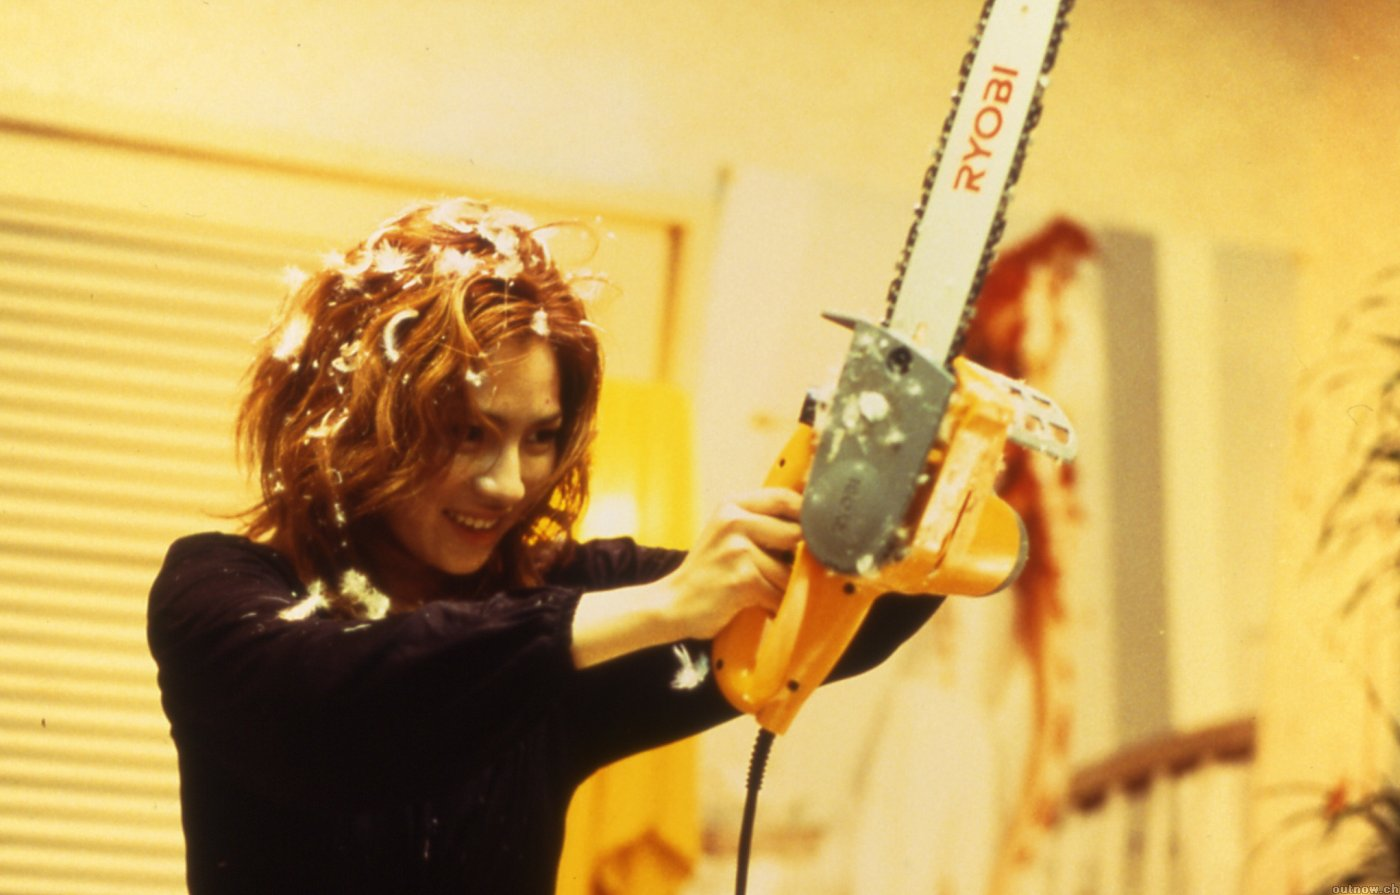 画像2: The 20 Most Underappreciated Japanese Films of The 21st Century www.tasteofcinema.com